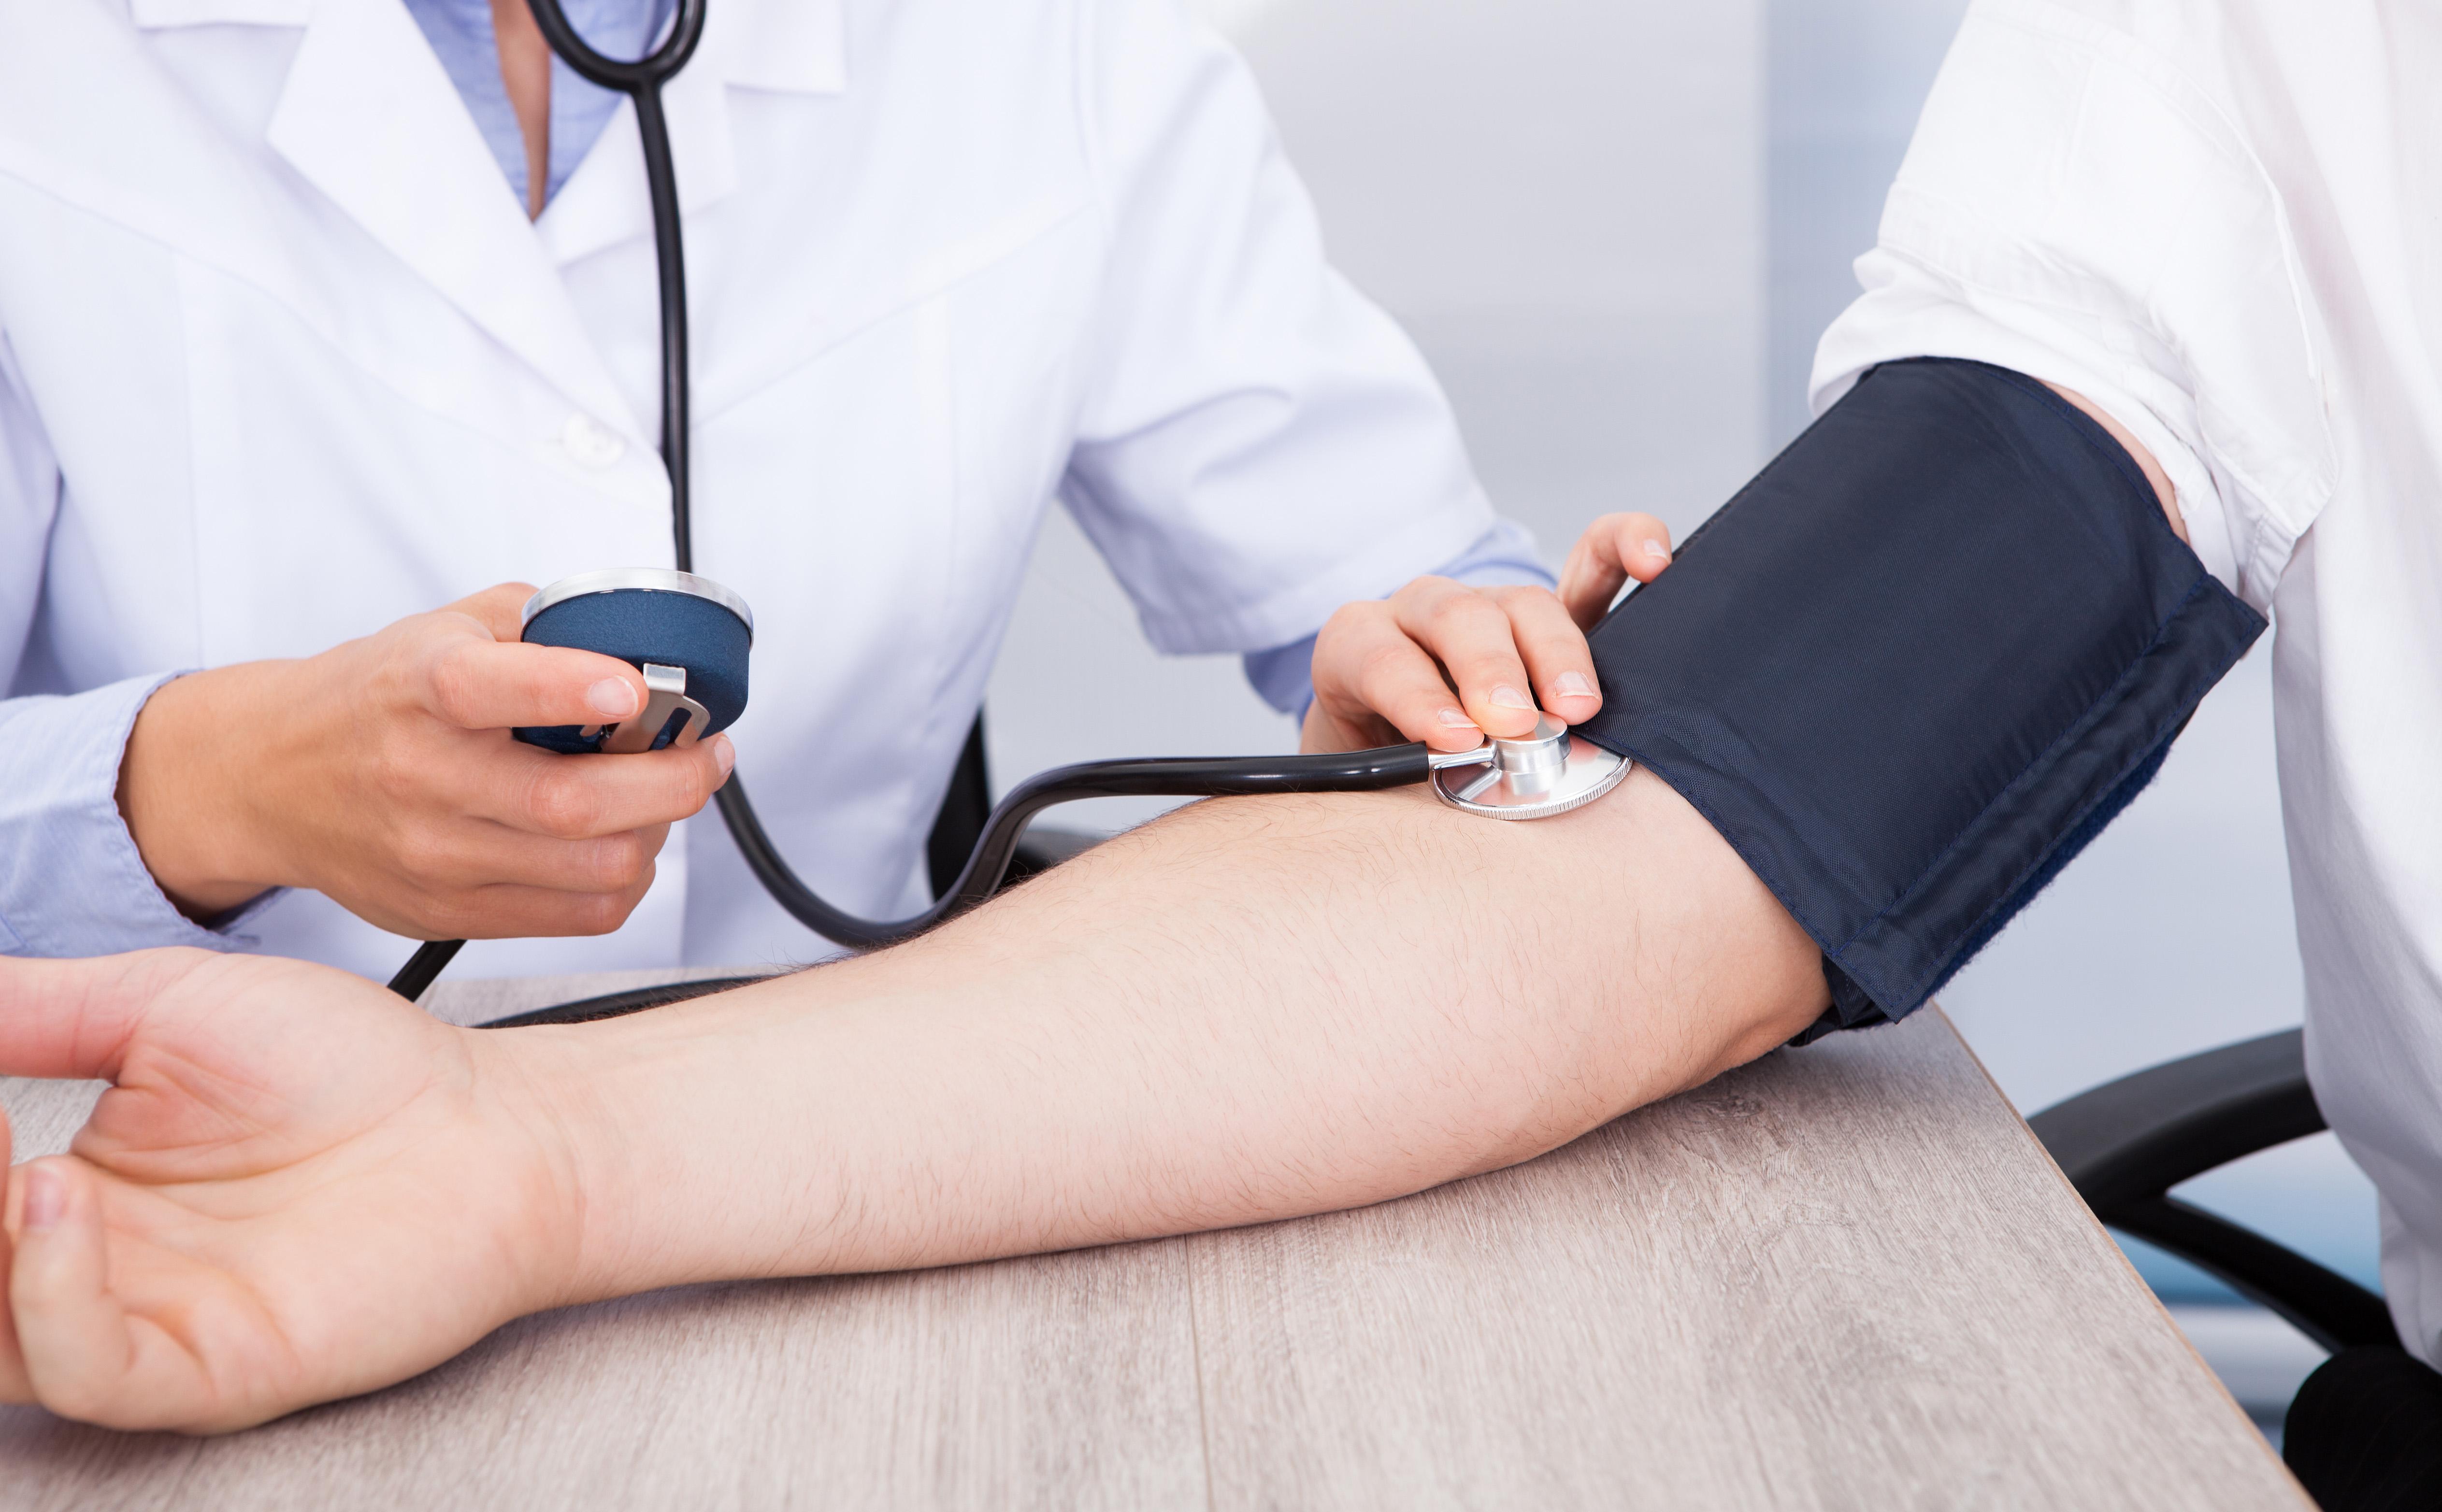 hogyan lehet kitágítani az ereket a magas vérnyomásban egyszerű népi gyógymódok a magas vérnyomás ellen